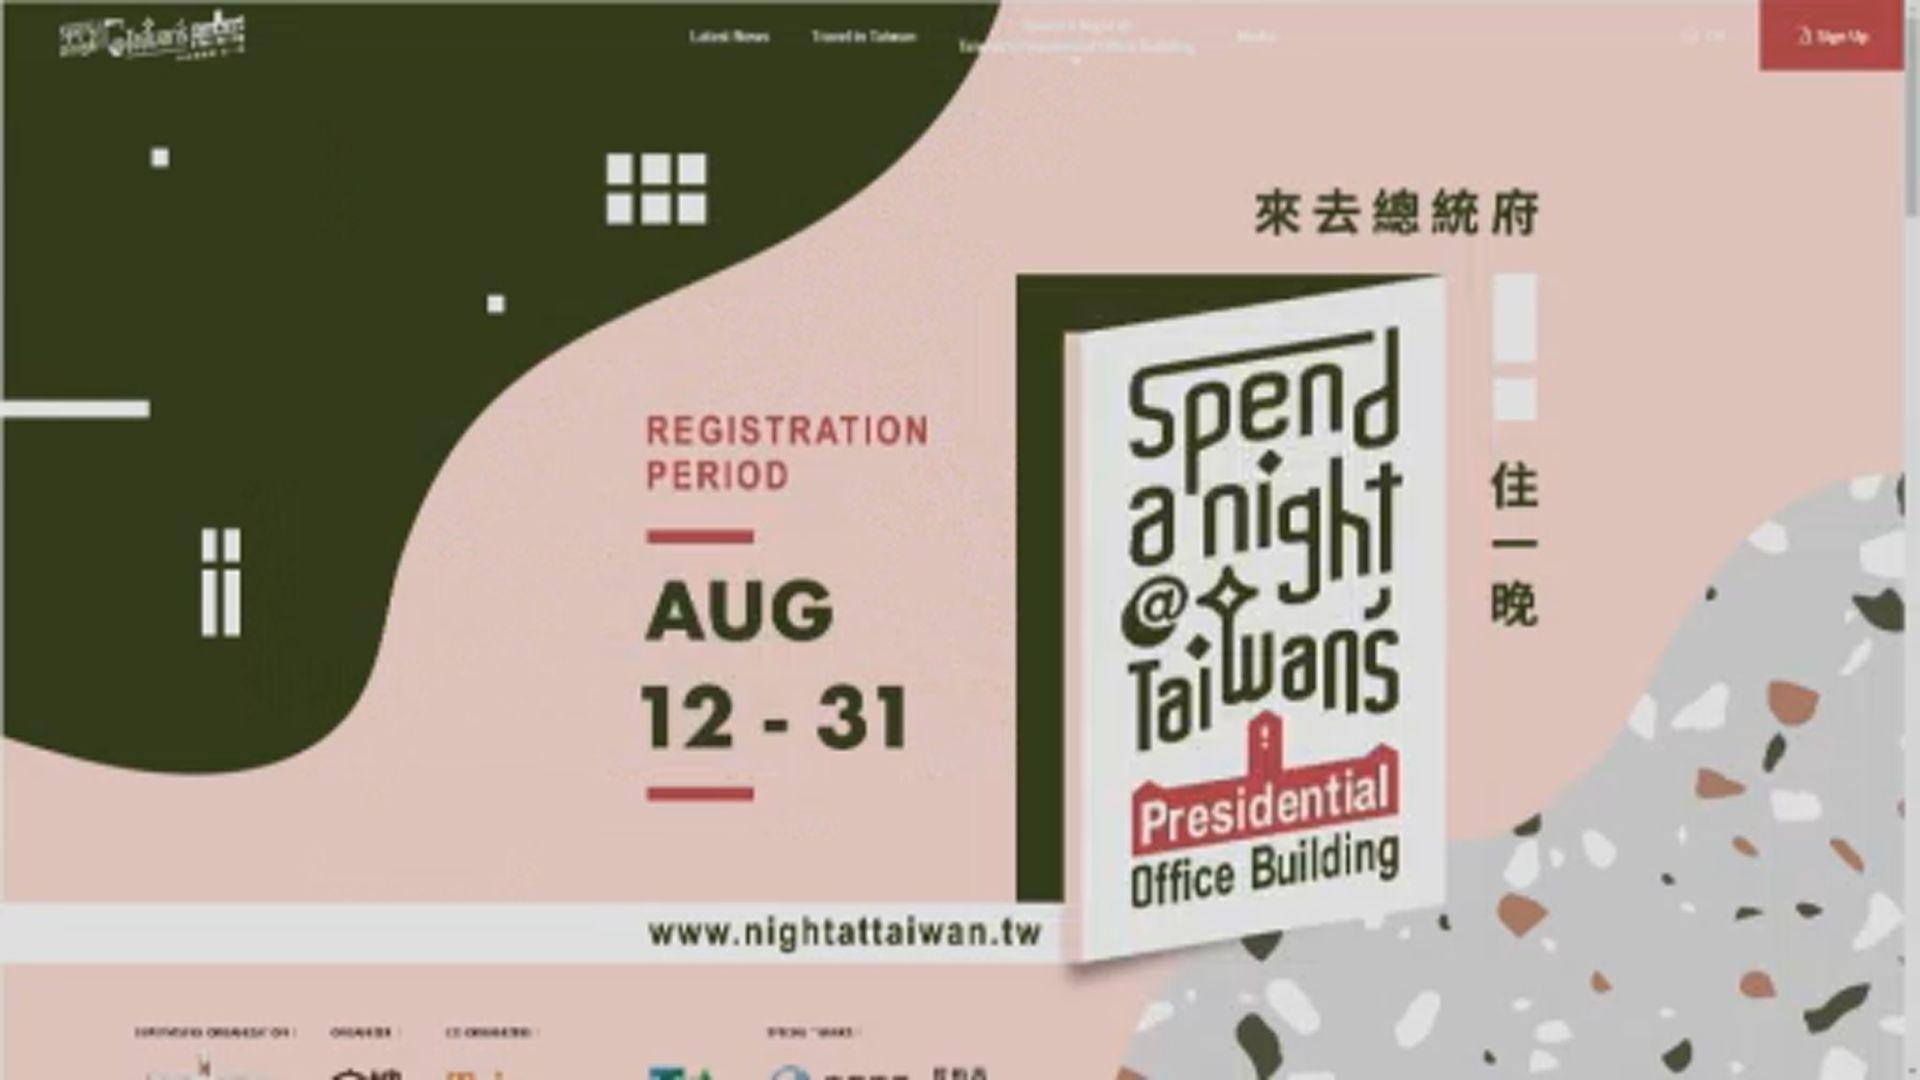 台灣總統府開放給遊客報名申請入住